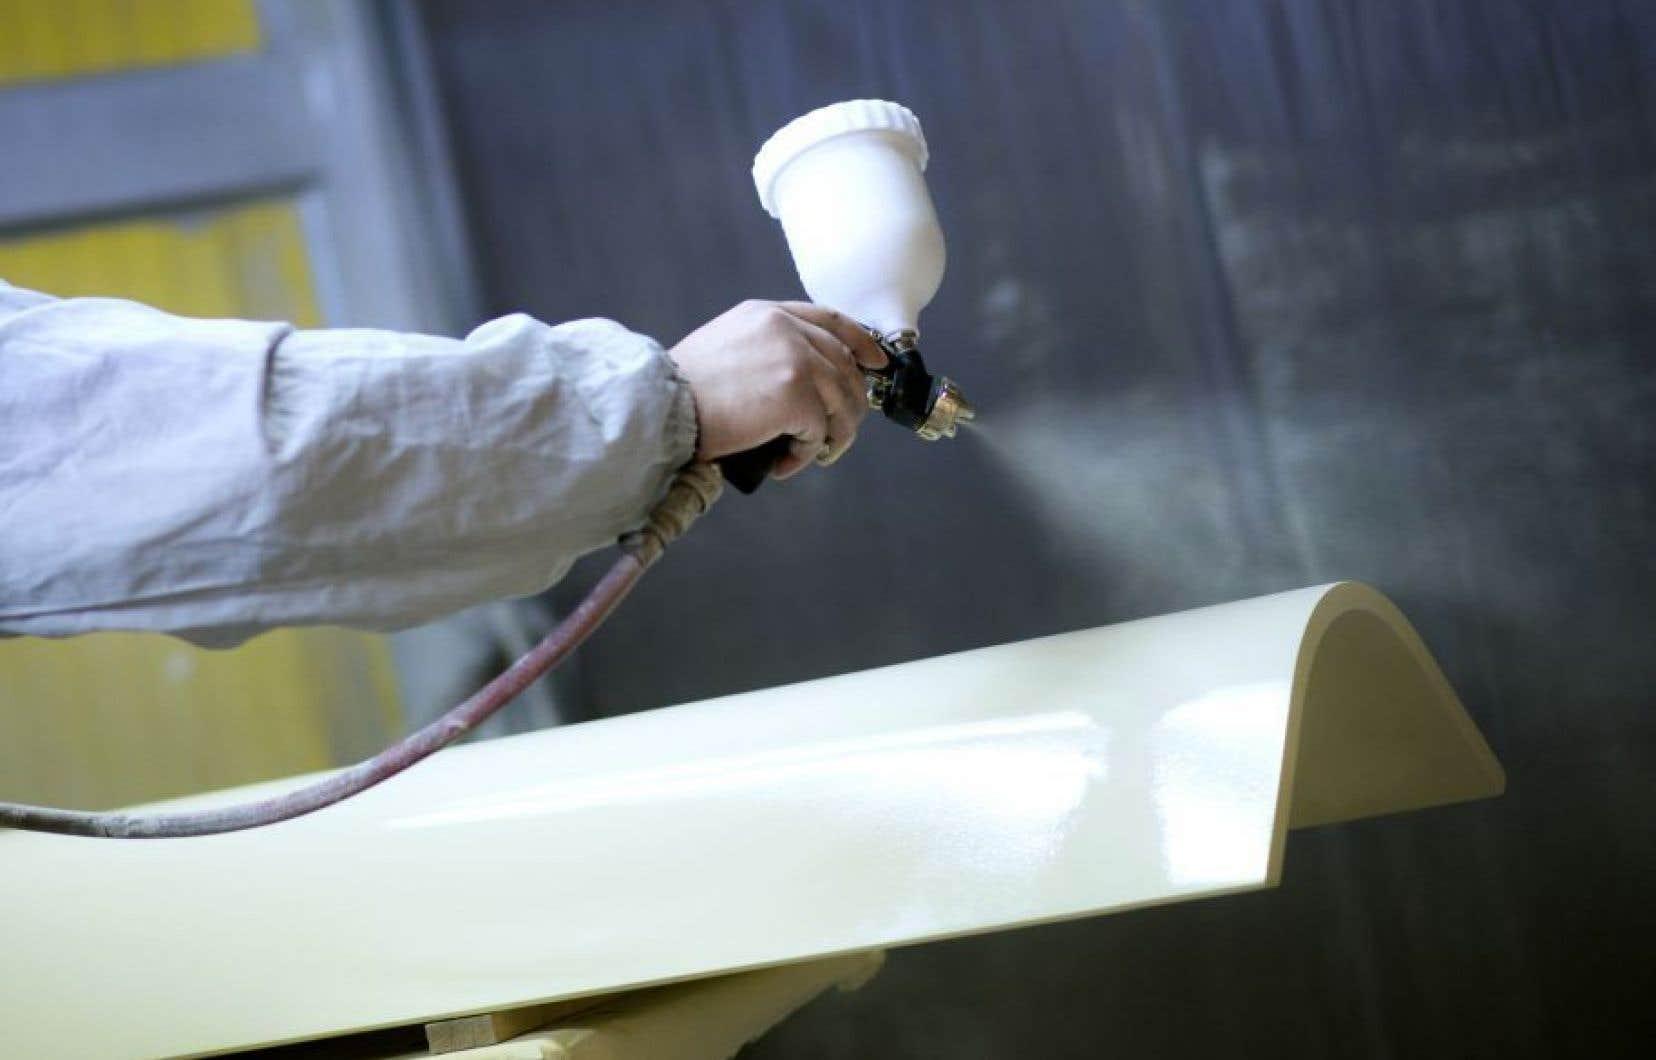 Depuis cinq ans, des résidants du secteur Cap-Rouge se plaignent des odeurs émanant de l'entreprise spécialisée en peinture de pièces métalliques.